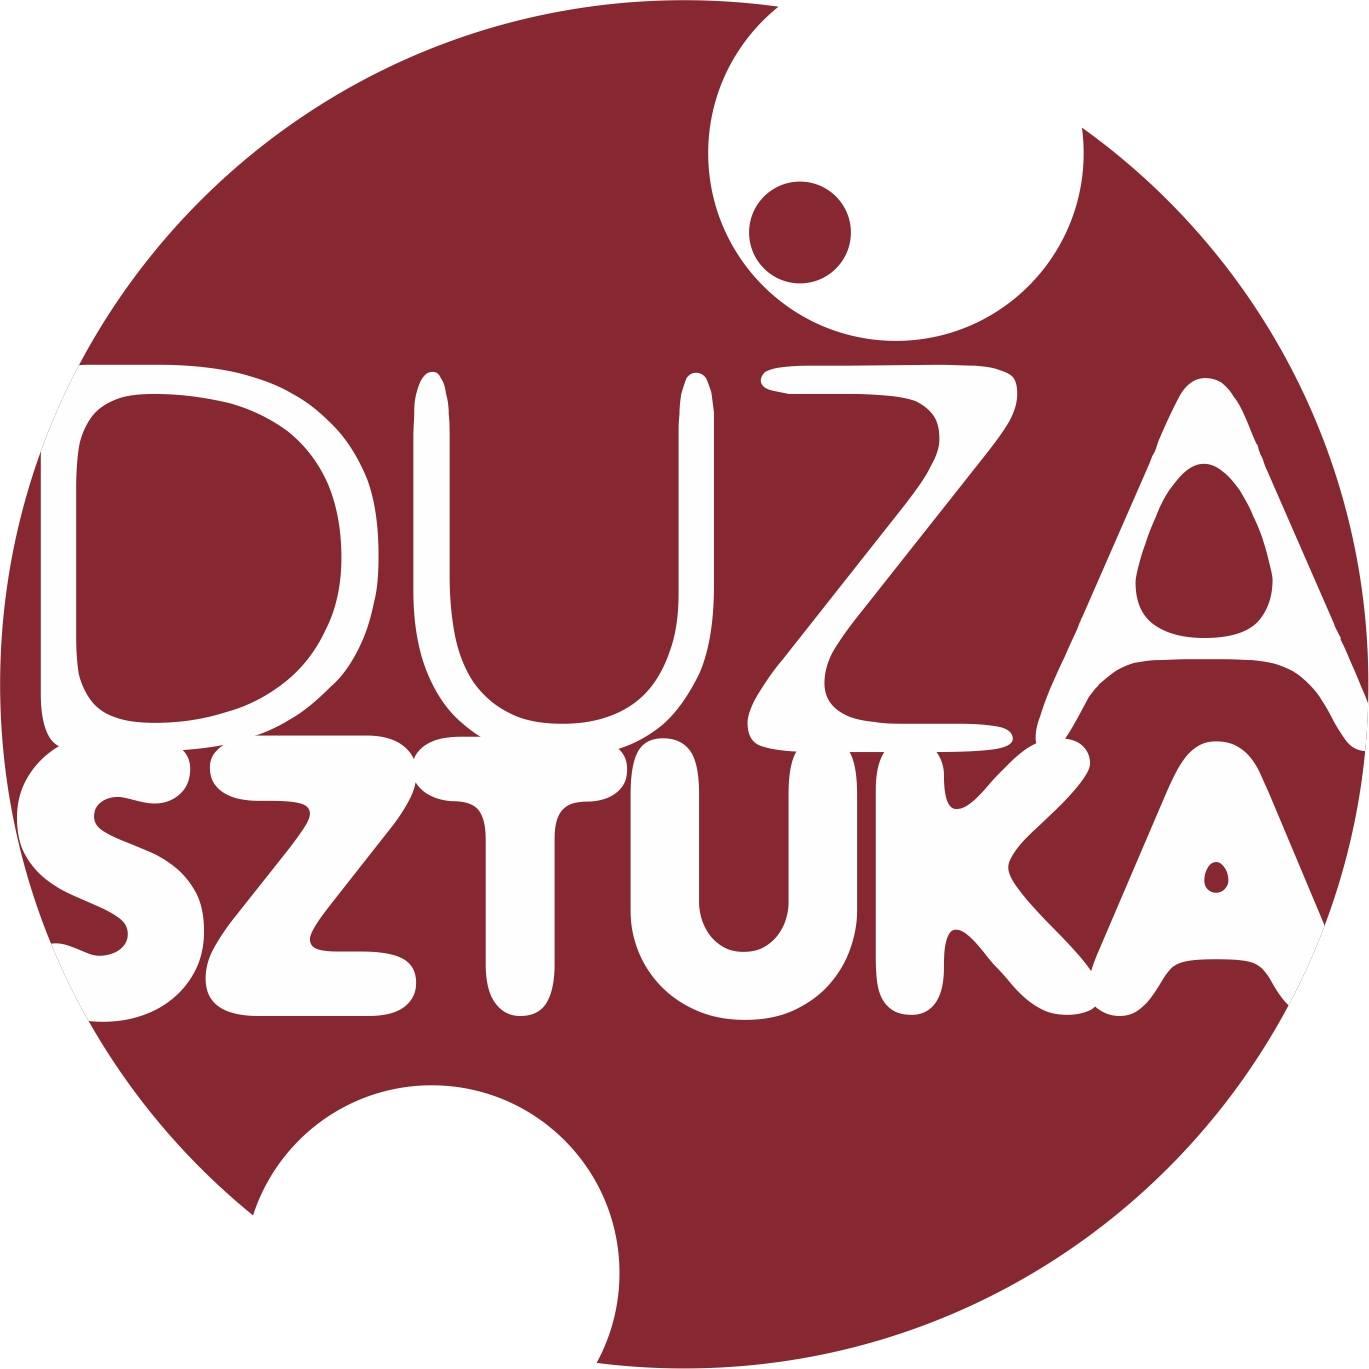 """Projekt """"Duża sztuka"""", logo (źródło: materiały prasowe organizatora)"""